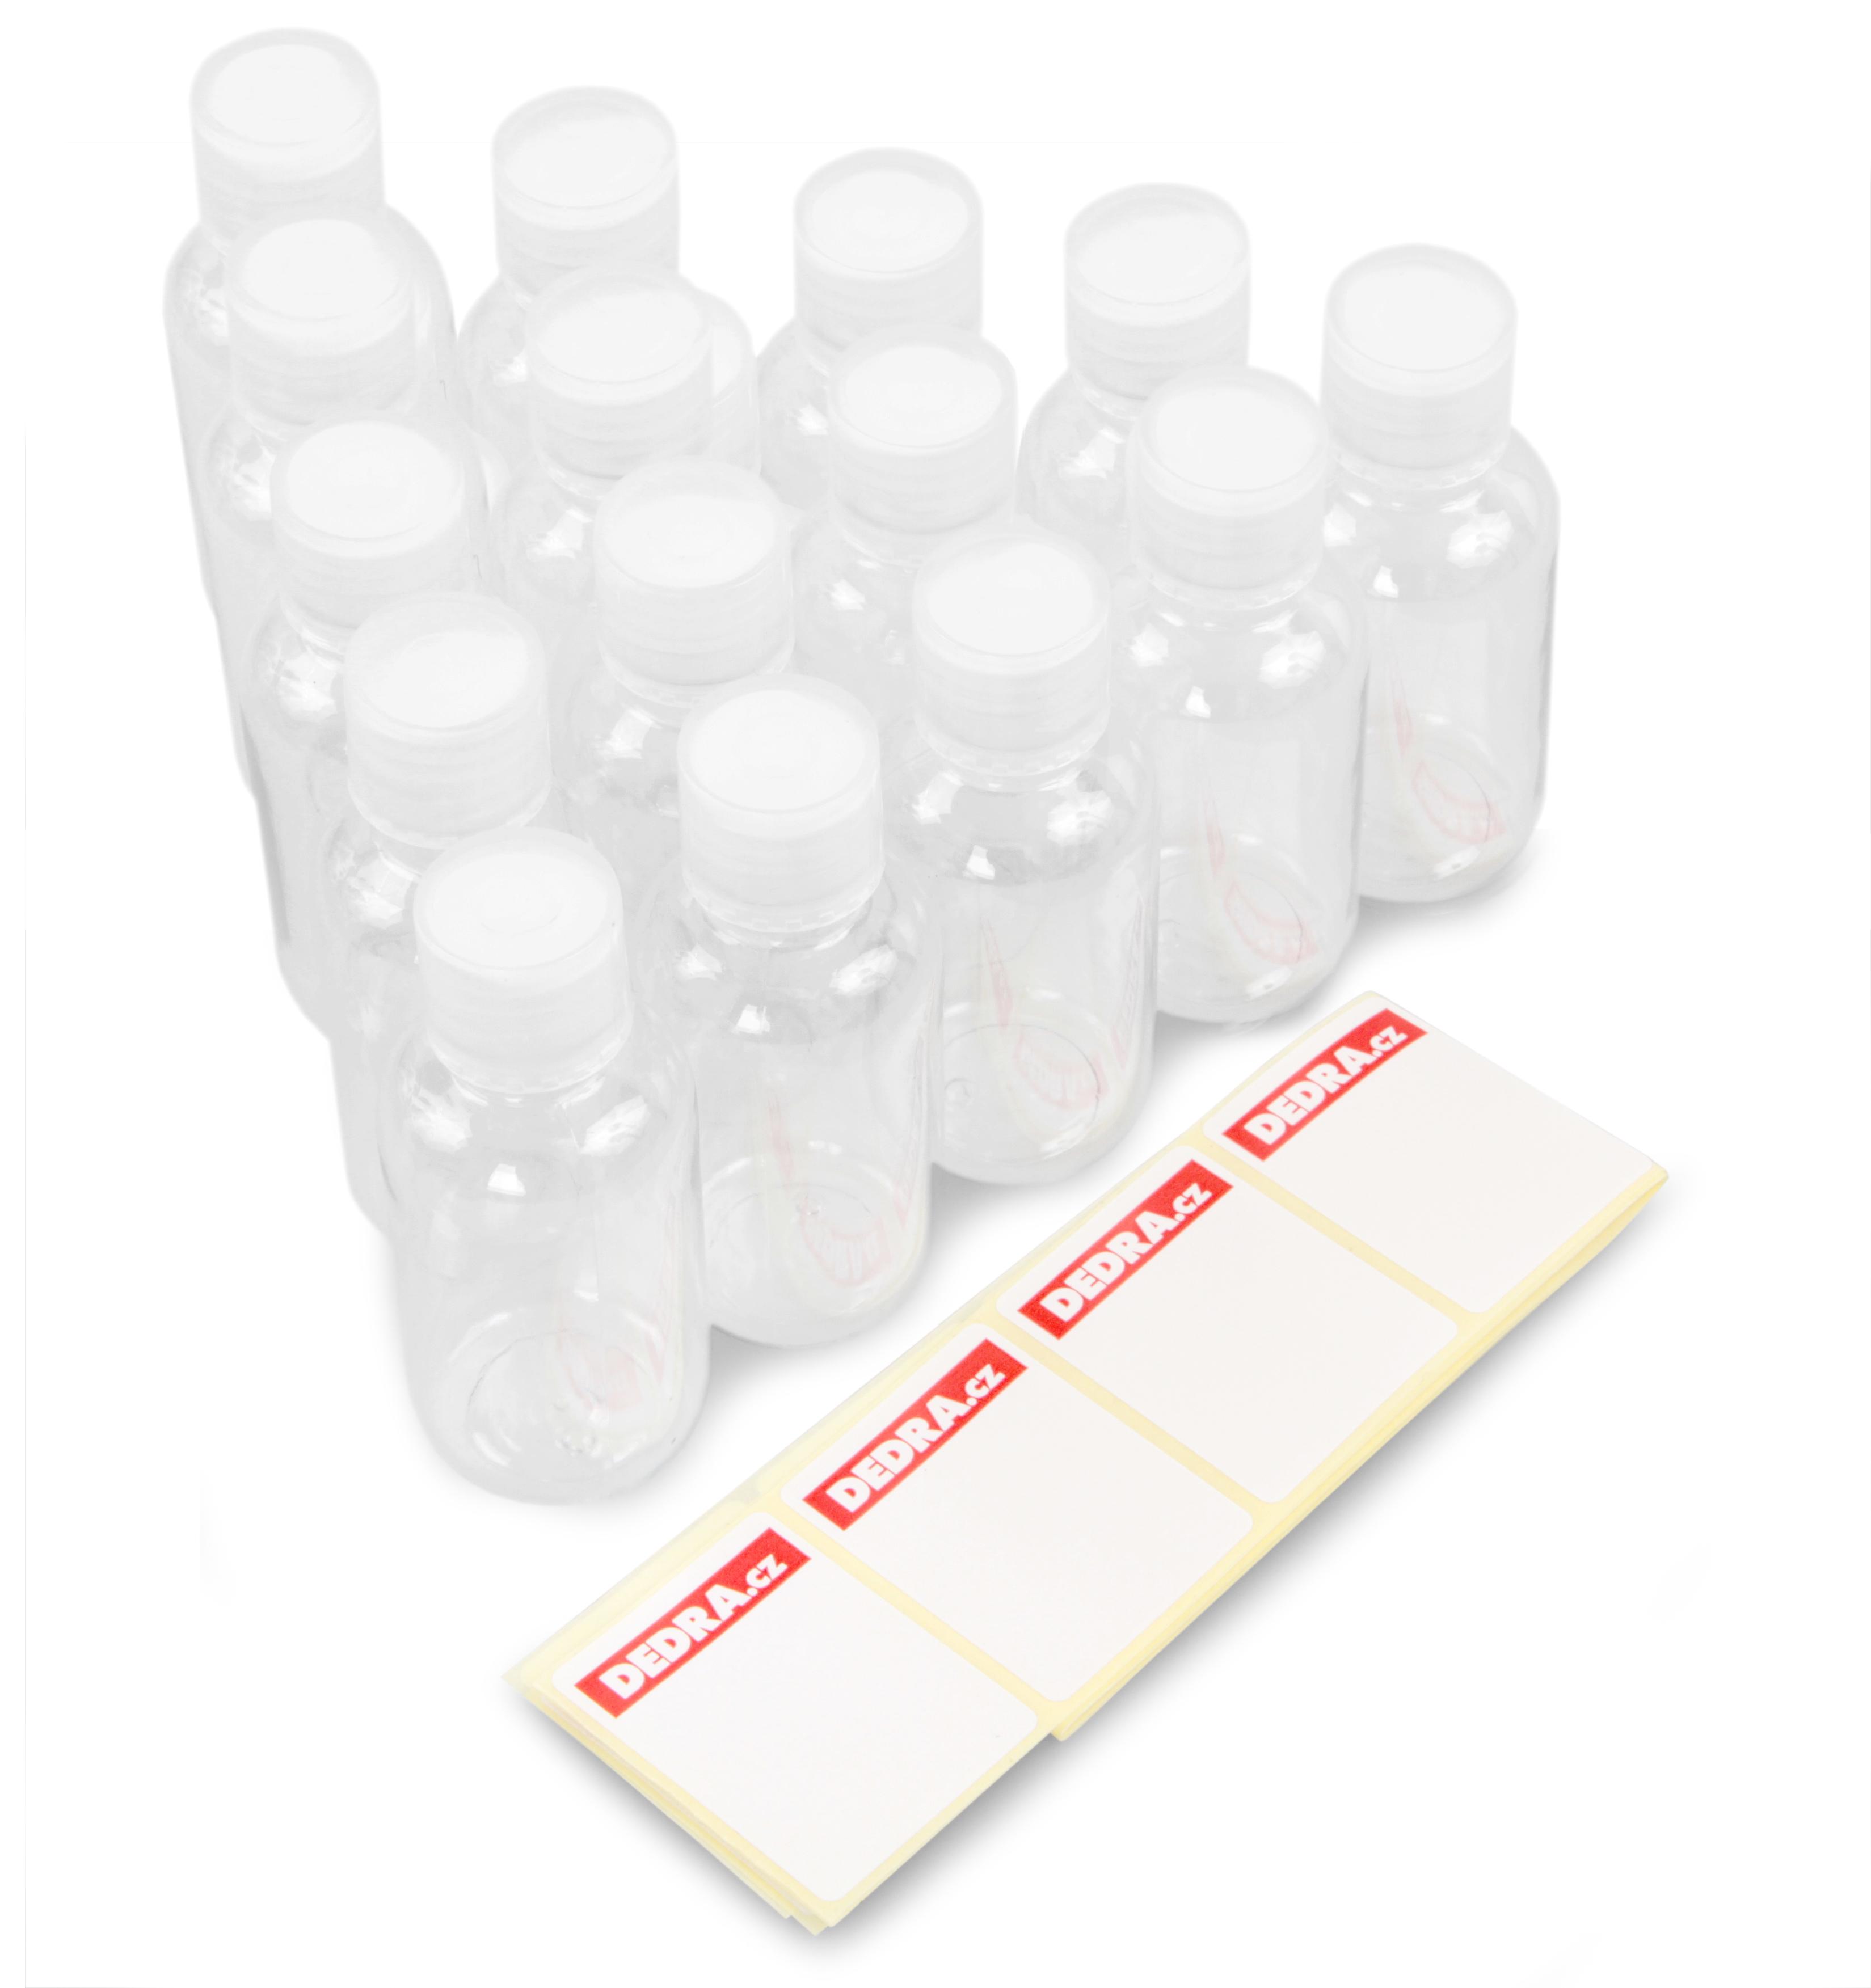 Sada fľaštičiek-vzorky + samolepky